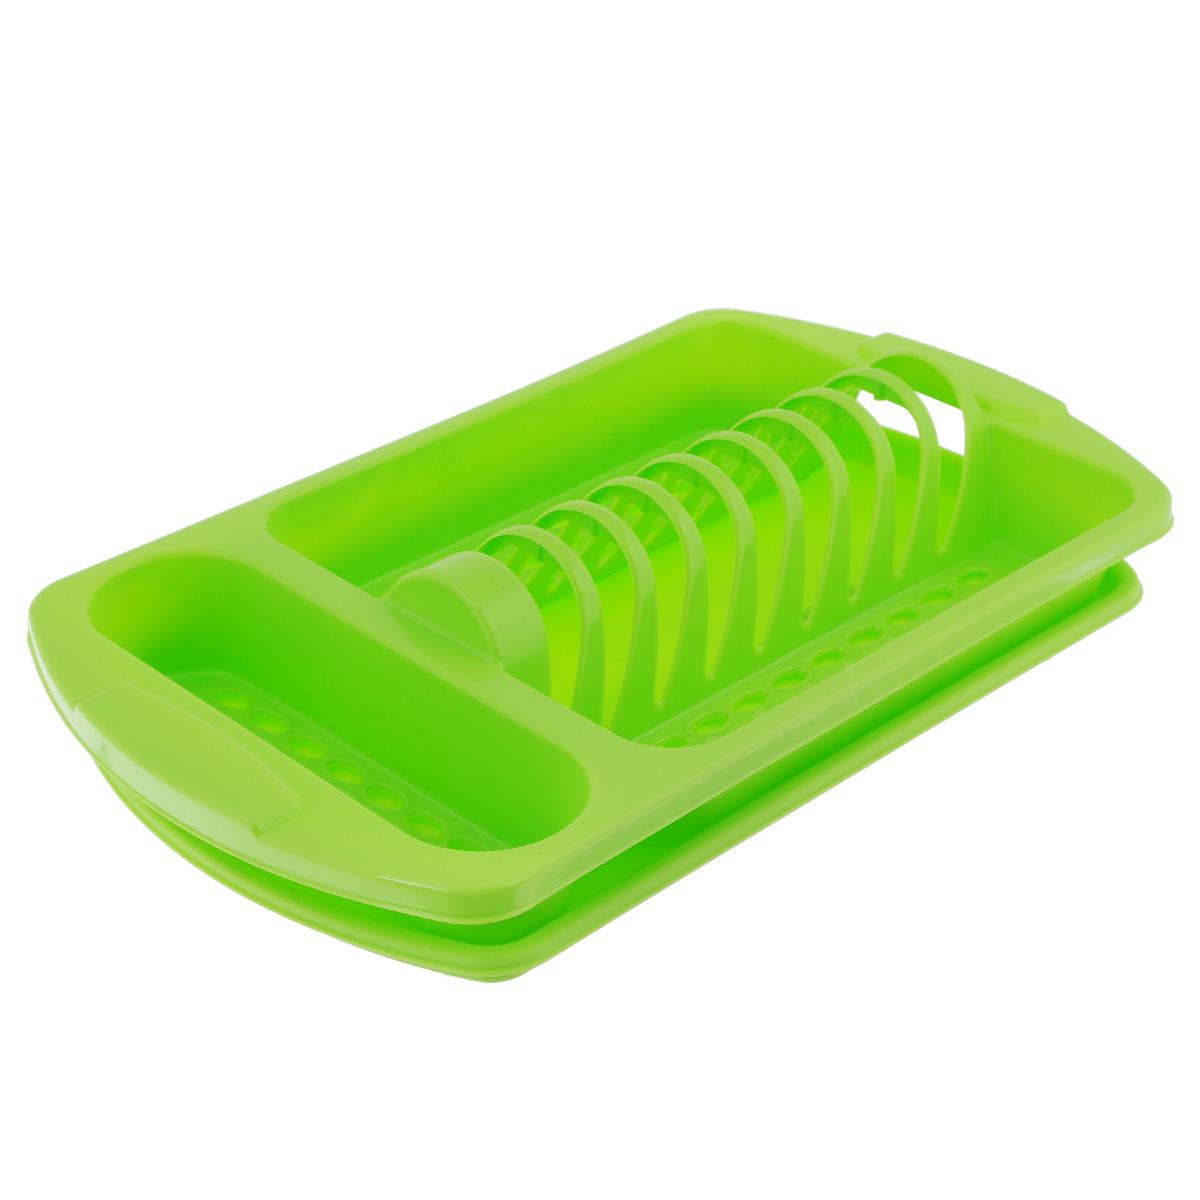 Сушилка для посуды Альтернатива Хозяюшка, с поддоном, цвет: салатовыйМ1768салатовыйНастольная сушилка Альтернатива Хозяюшка, выполненная из высококачественного пластика, представляет собой подставку с ячейками, в которые помещается посуда, и отделением для столовых приборов. Изделие оснащено поддоном для сливания в него воды. Сушилка не займет много места на вашей кухне, а вы сможете разместить на ней большое количество предметов. Размер сушилки: 43 см х 25 см х 7 см. Размер поддона: 41 см х 24 см х 2 см. Размер отделения для столовых приборов: 23 см х 7 см.